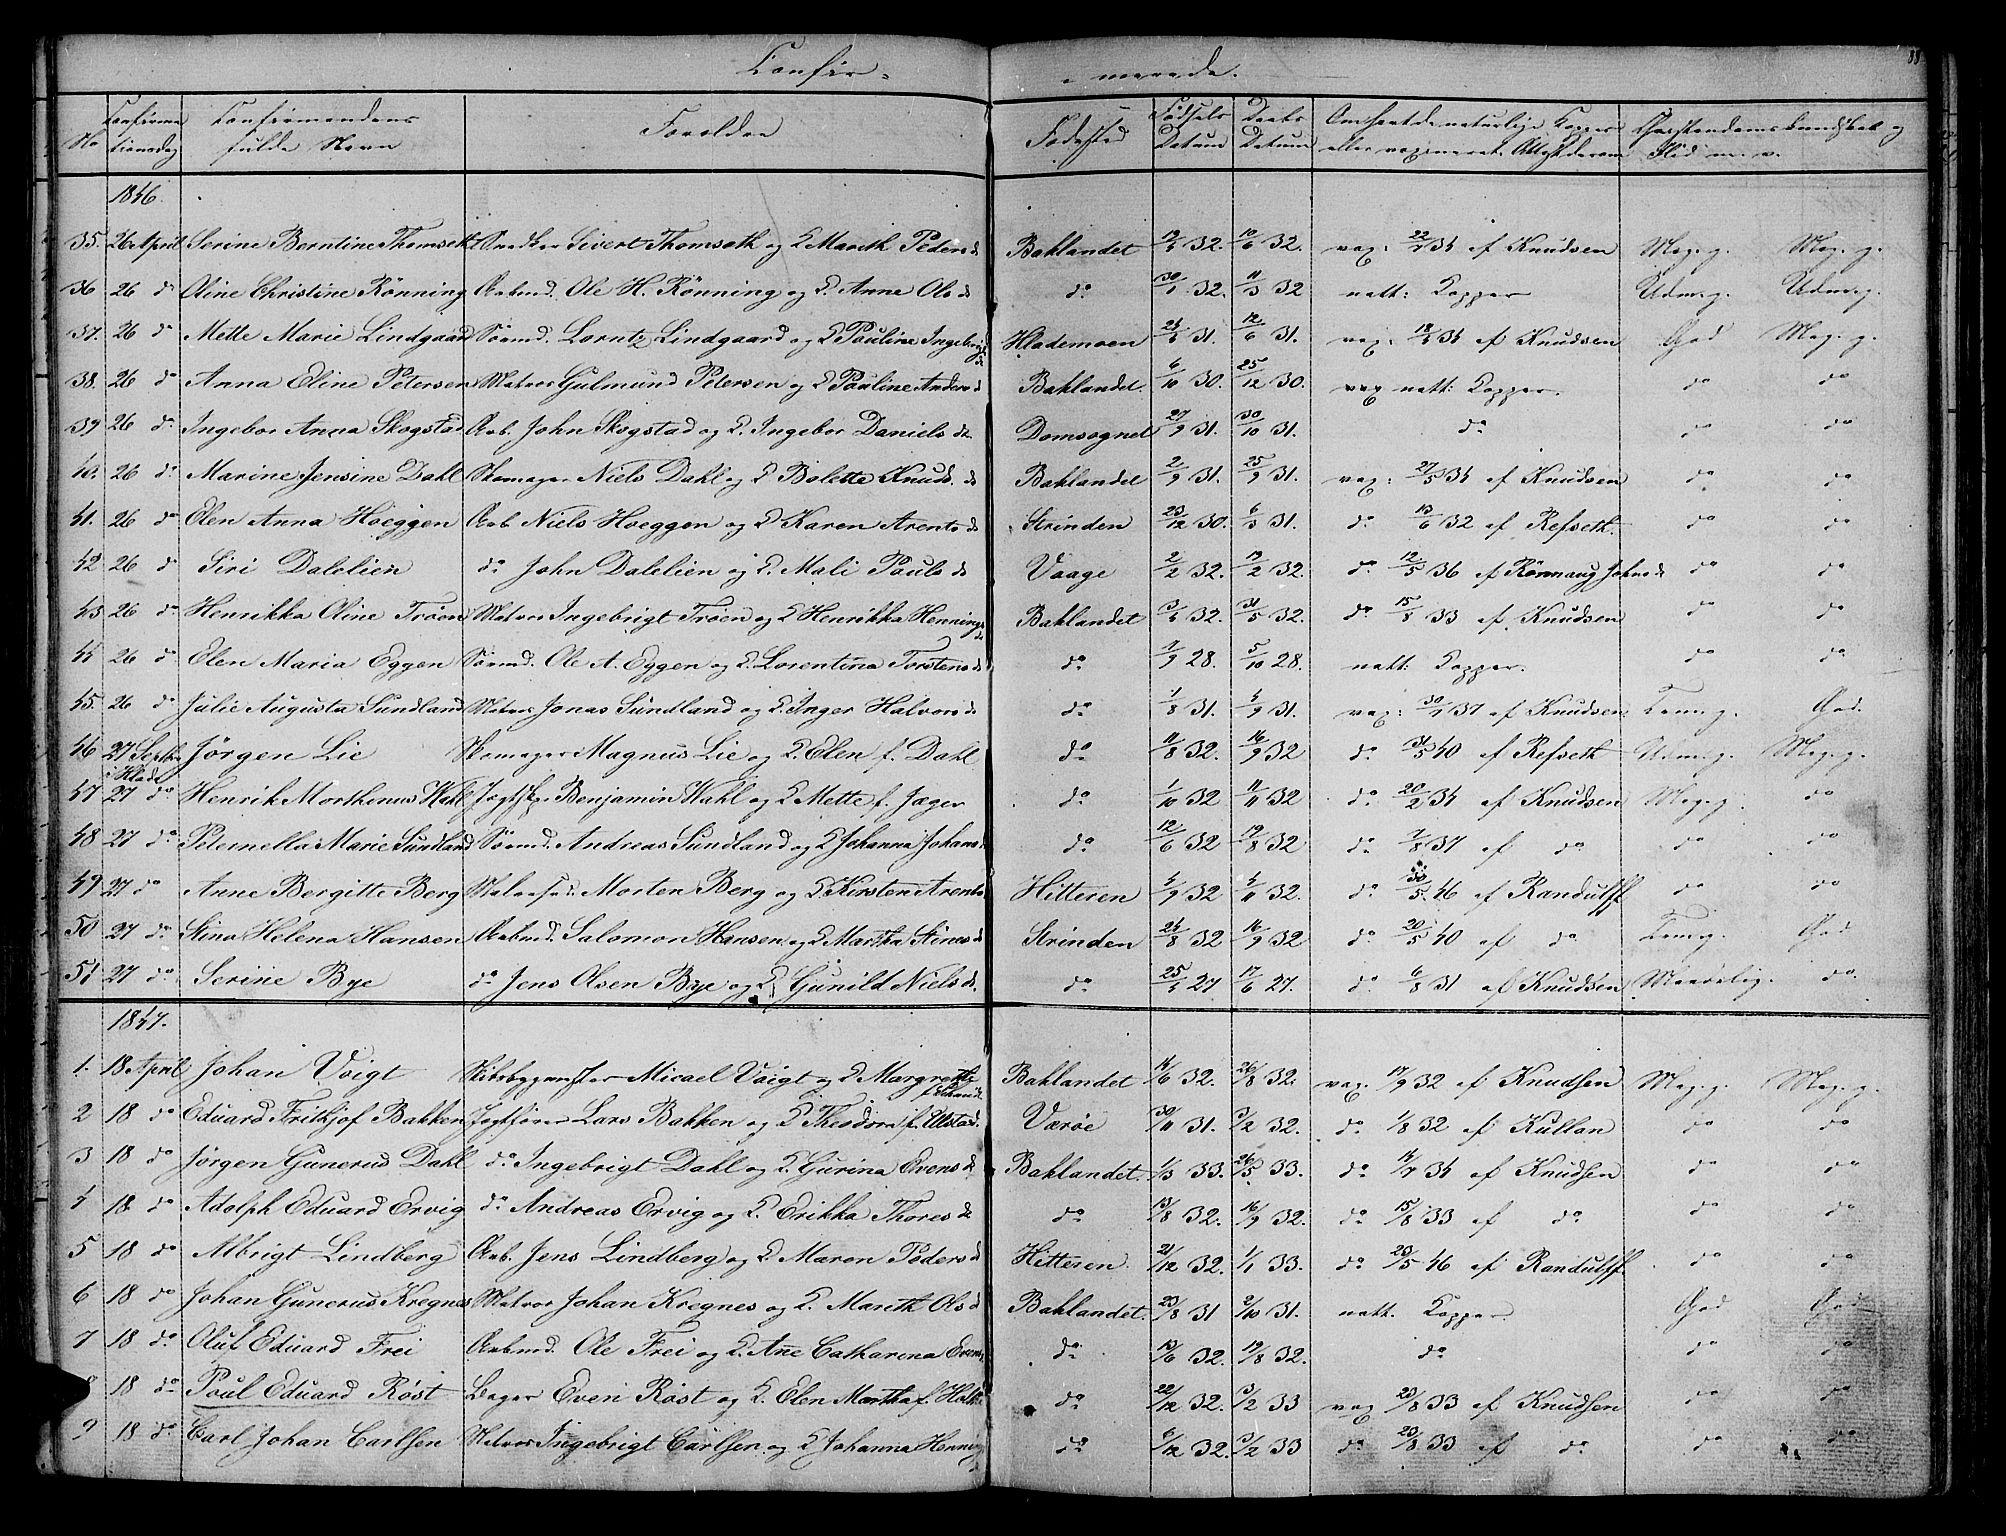 SAT, Ministerialprotokoller, klokkerbøker og fødselsregistre - Sør-Trøndelag, 604/L0182: Ministerialbok nr. 604A03, 1818-1850, s. 88